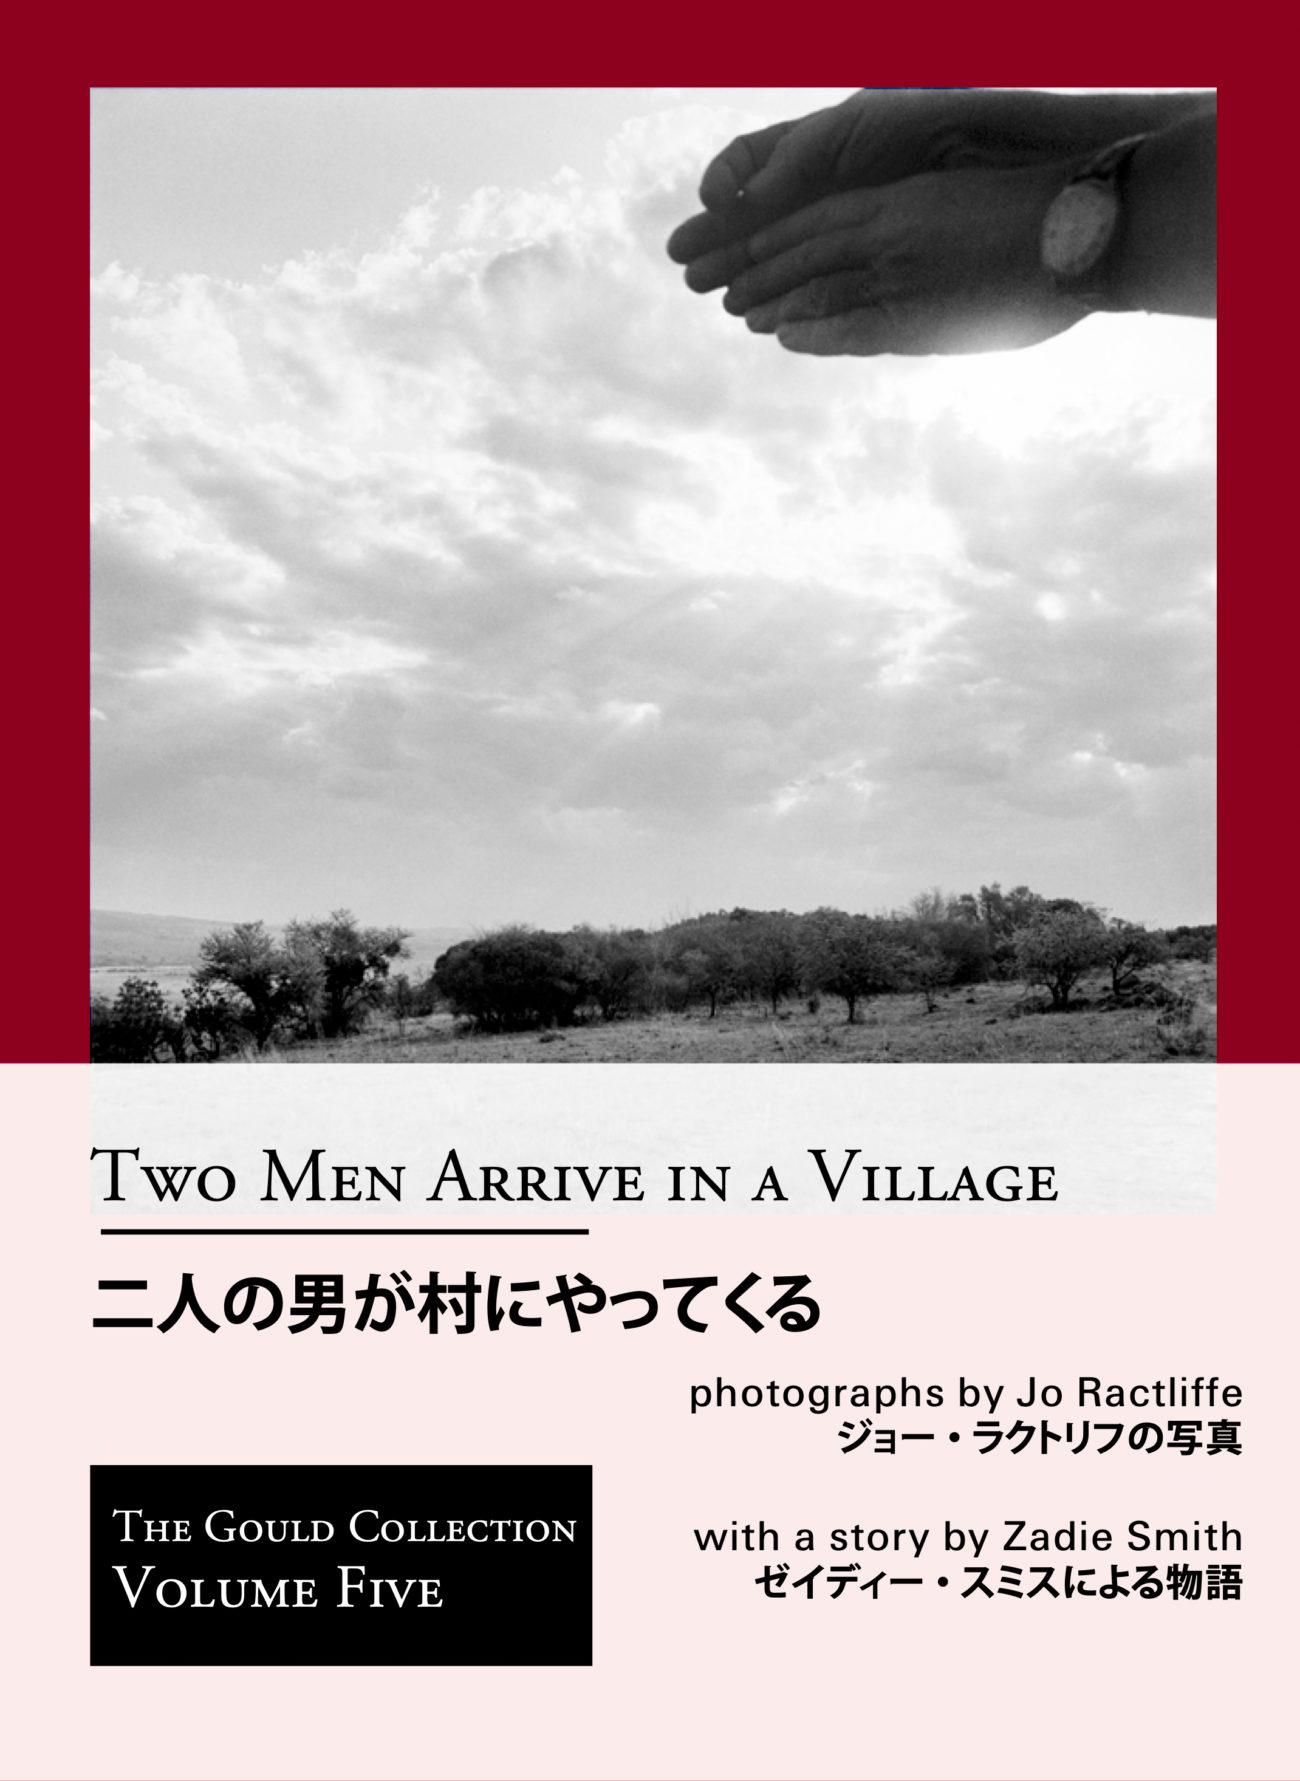 Two Men Arrive in a Village